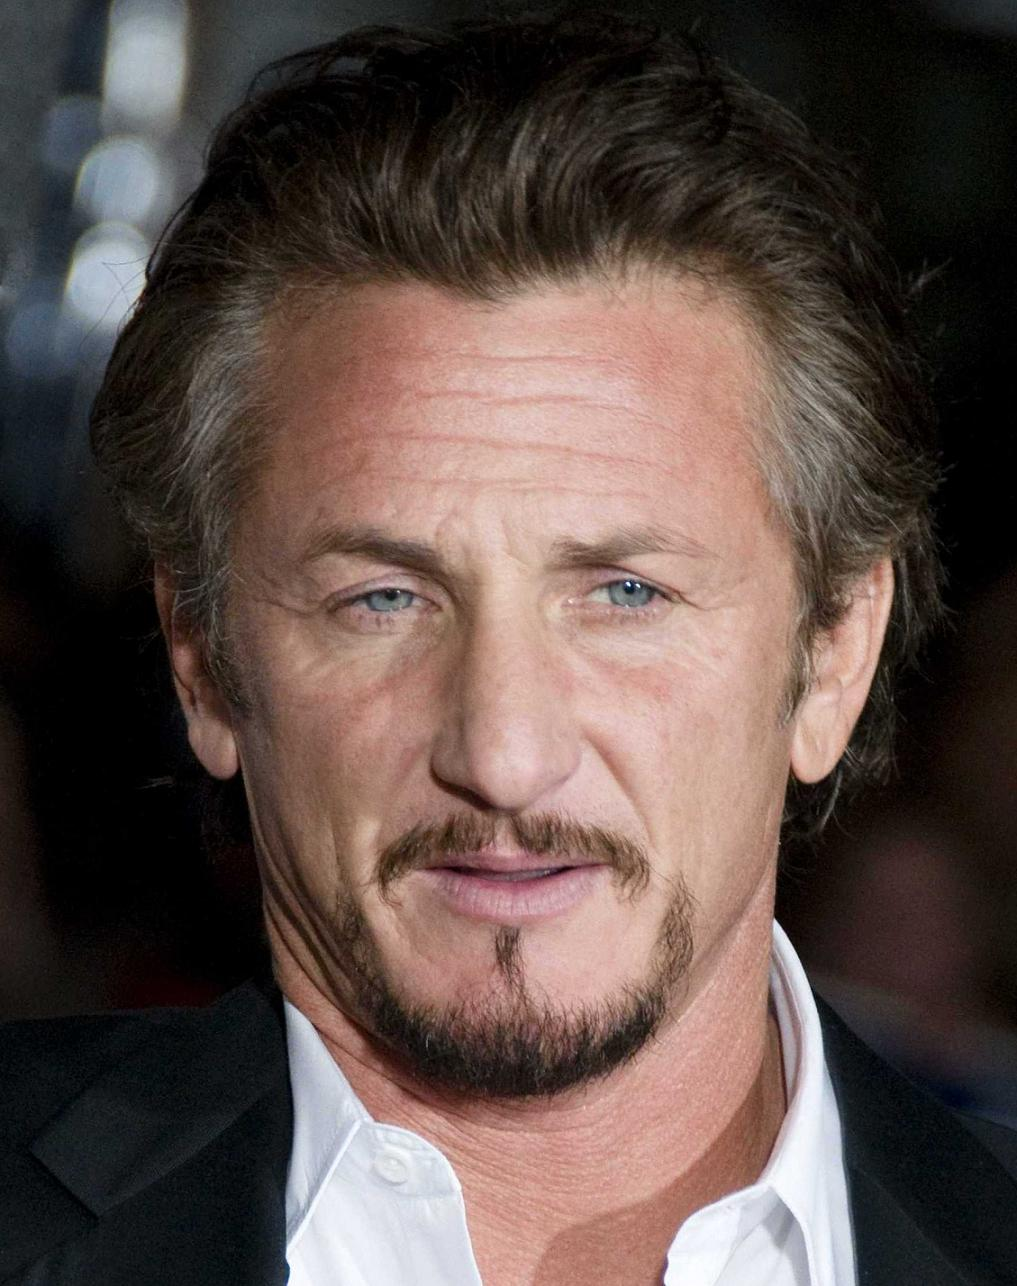 Sean Penn Bio, Net Worth, Facts